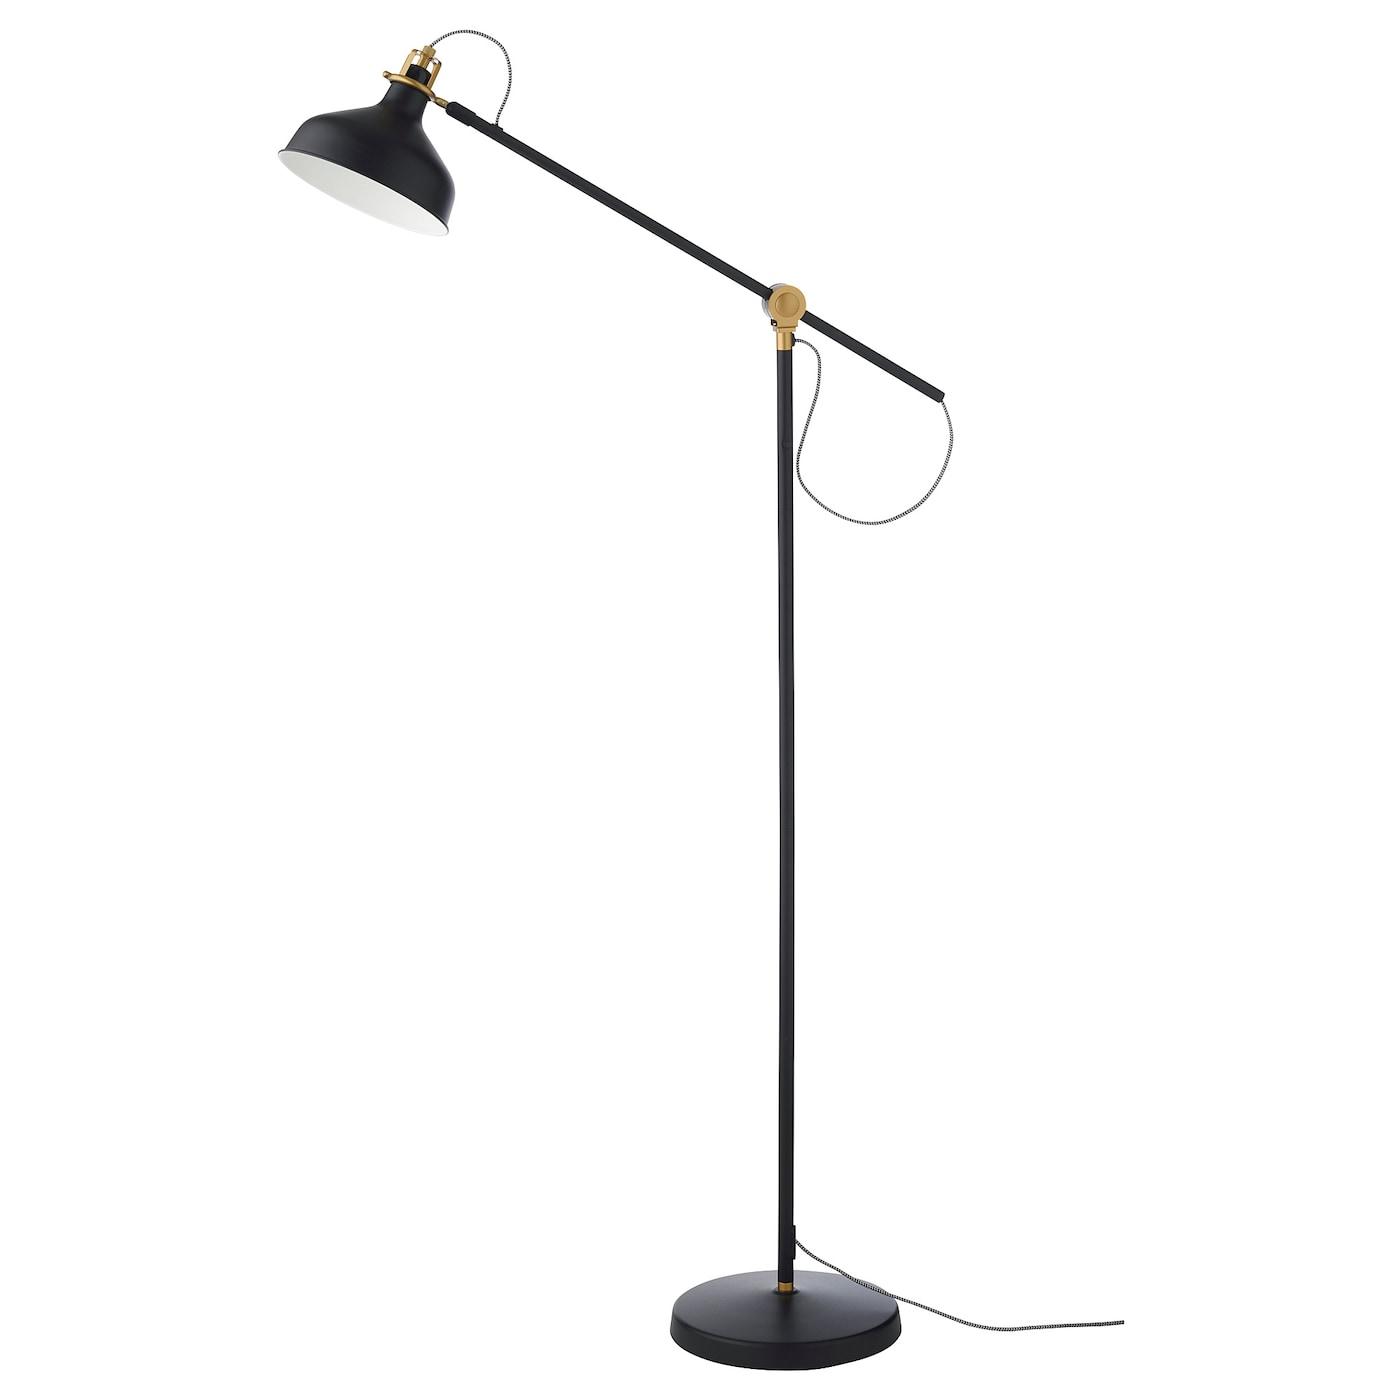 Stehlampe Ikea Schwarz